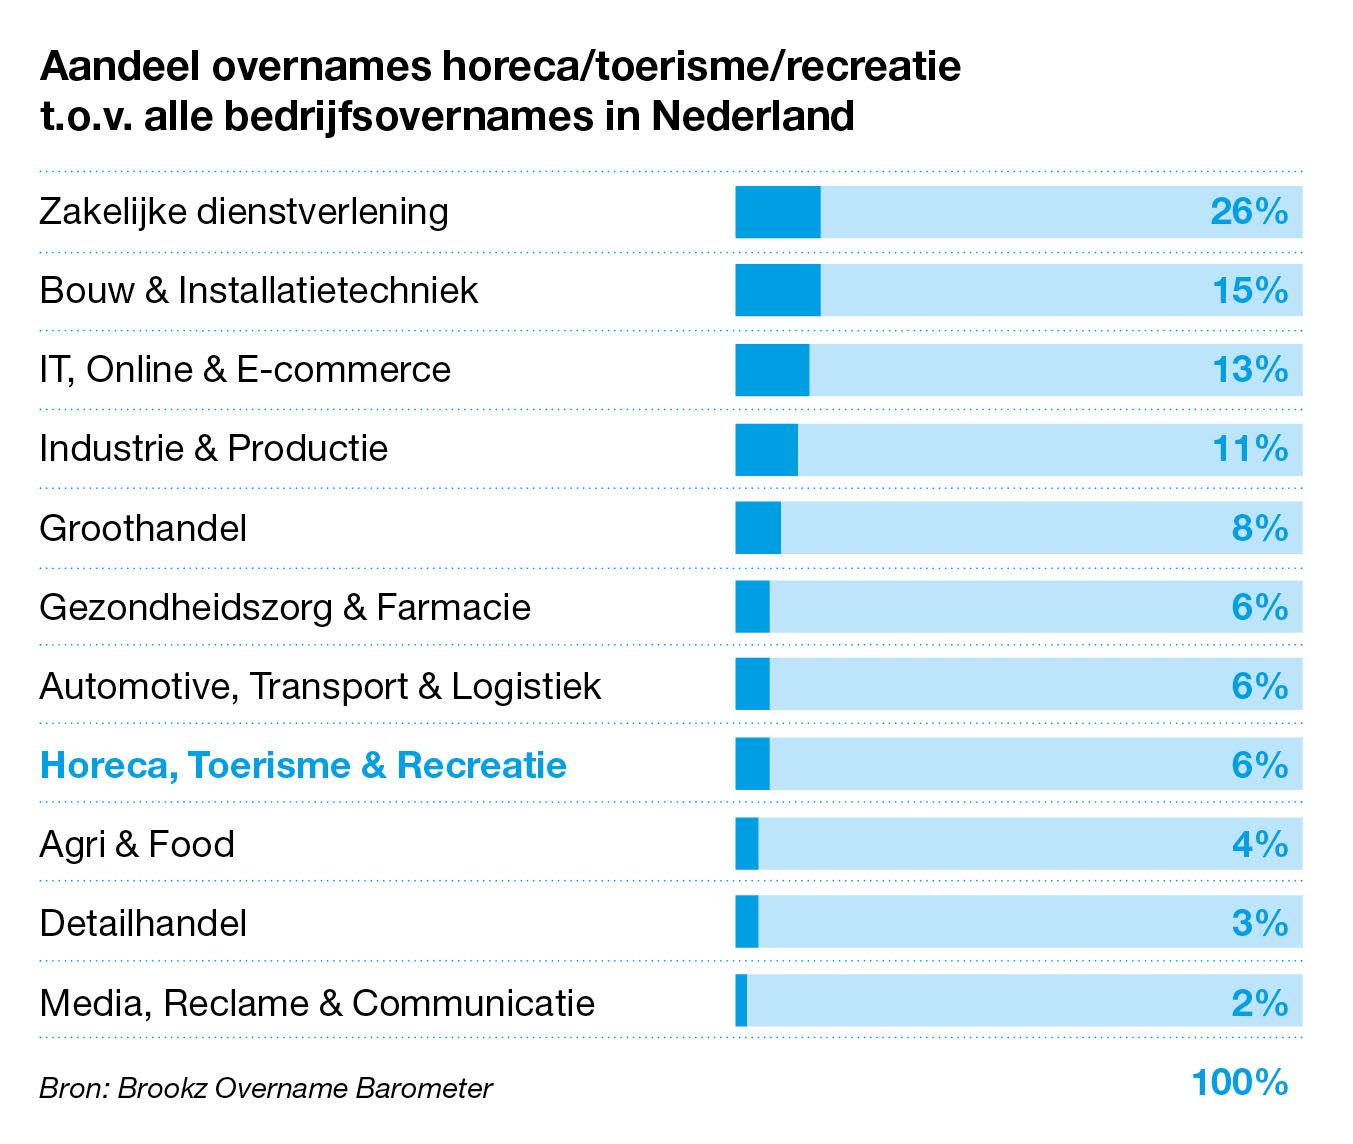 Aandeel overnames horeca/toerisme/recreatie